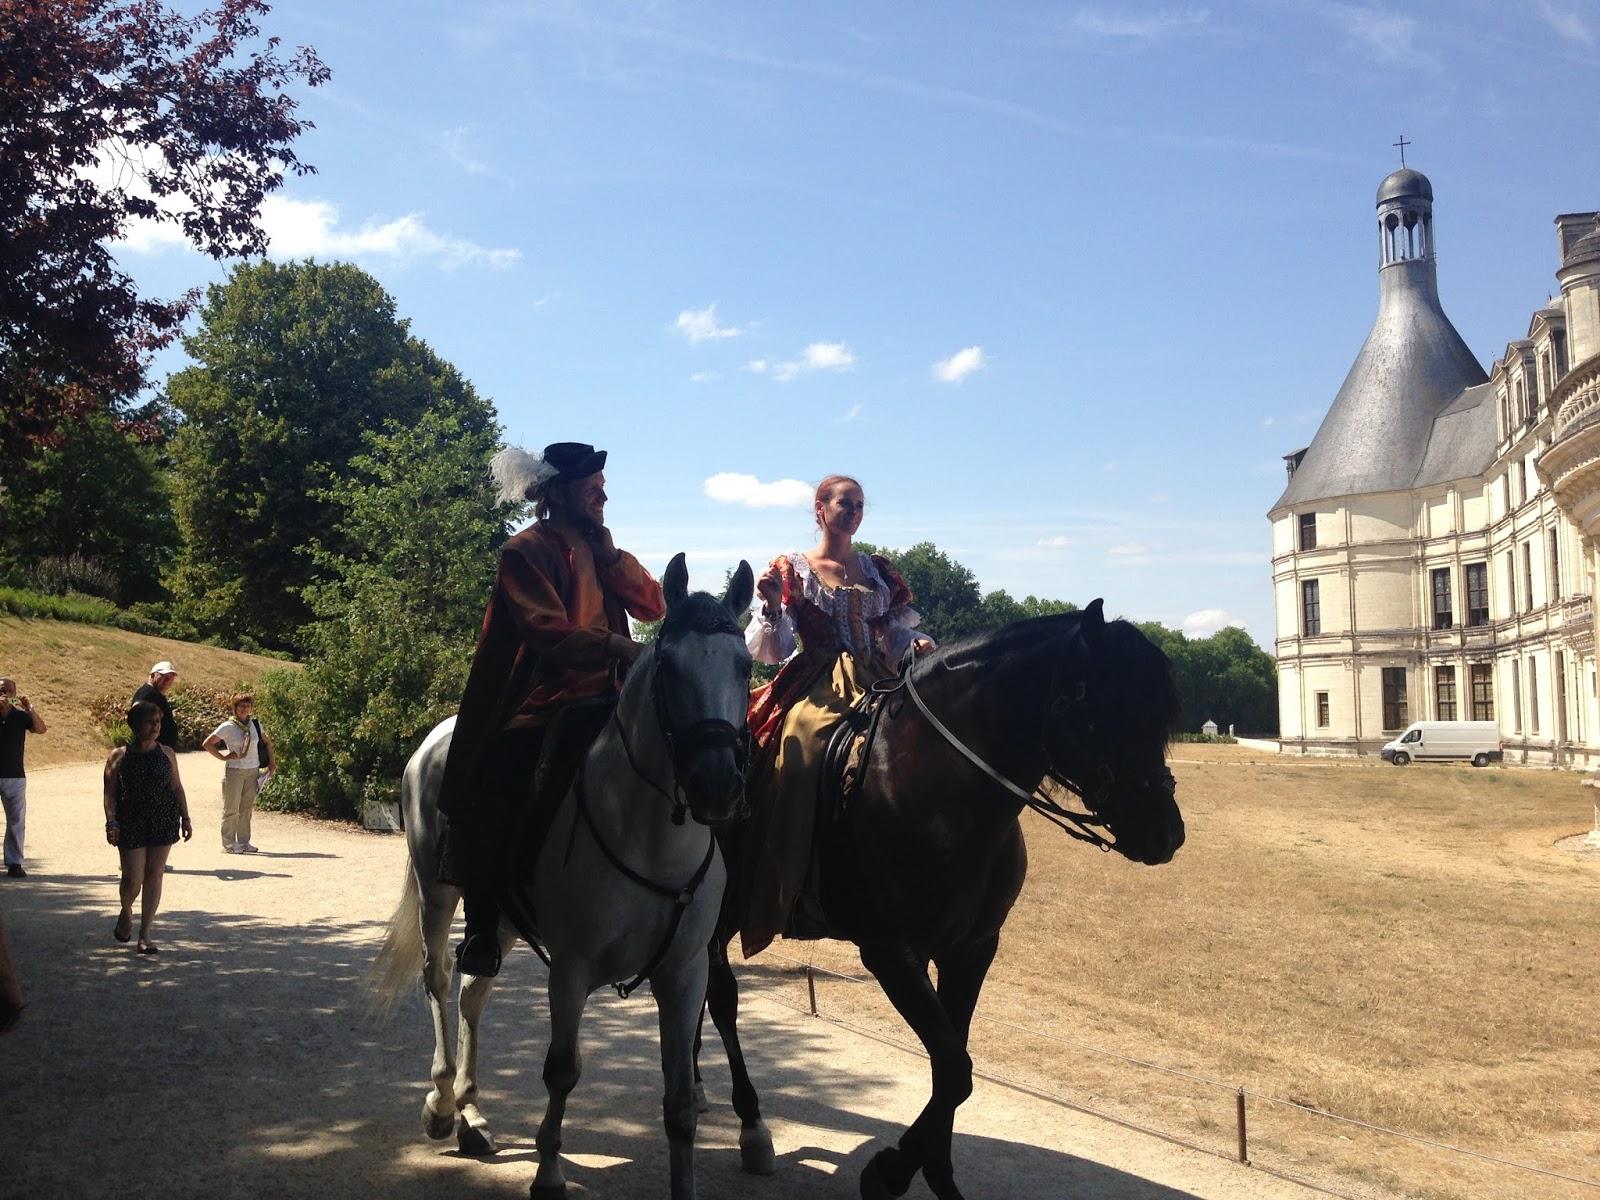 zamek w Chambord, inscenizacja pod zamkiem